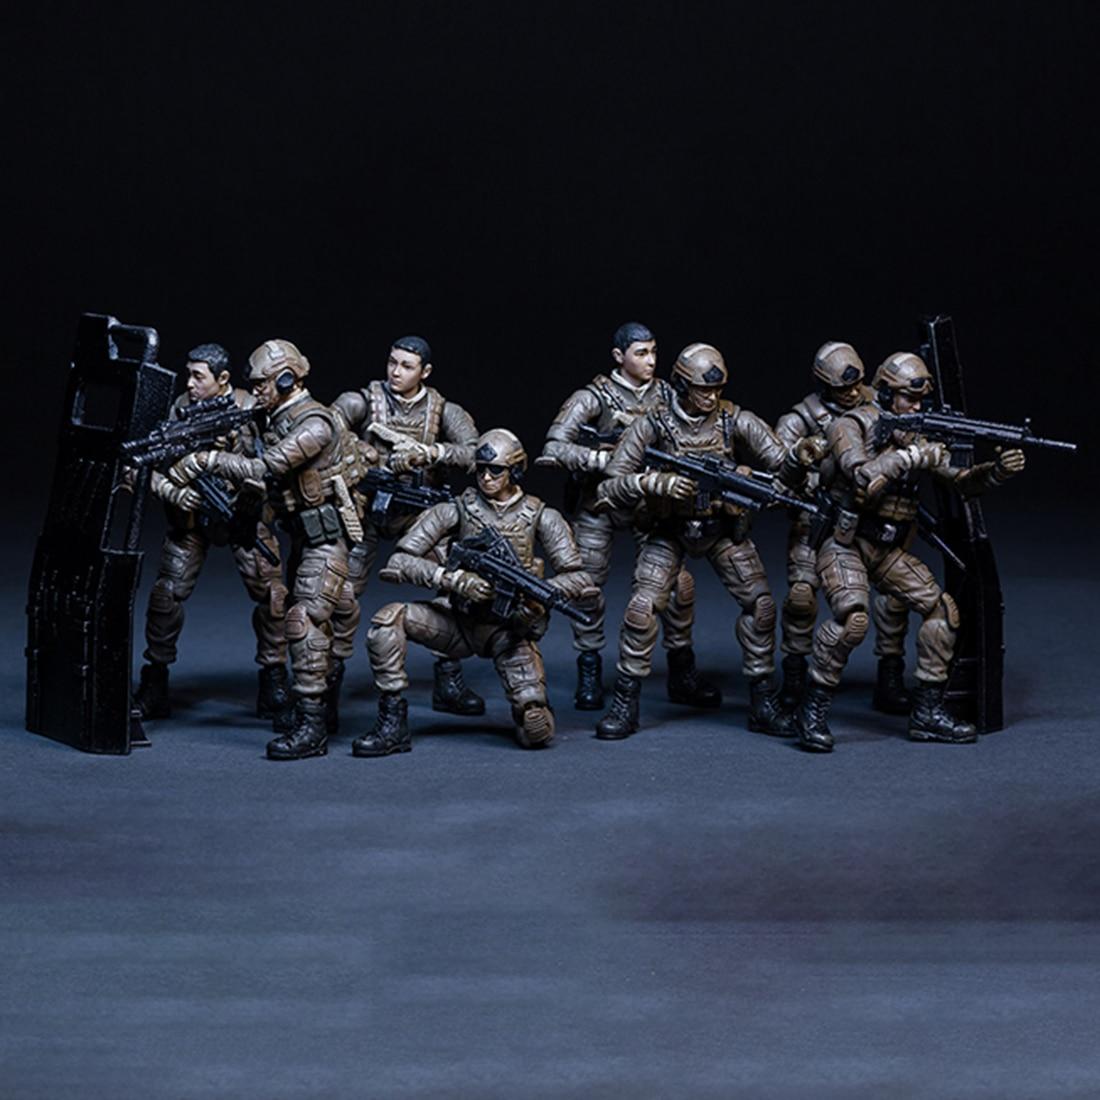 7.7 cm petit soldat modèle 3D assemblage amovible soldat modèle bricolage tige jouet amovible soldat modèle pour enfants-opération mer rouge